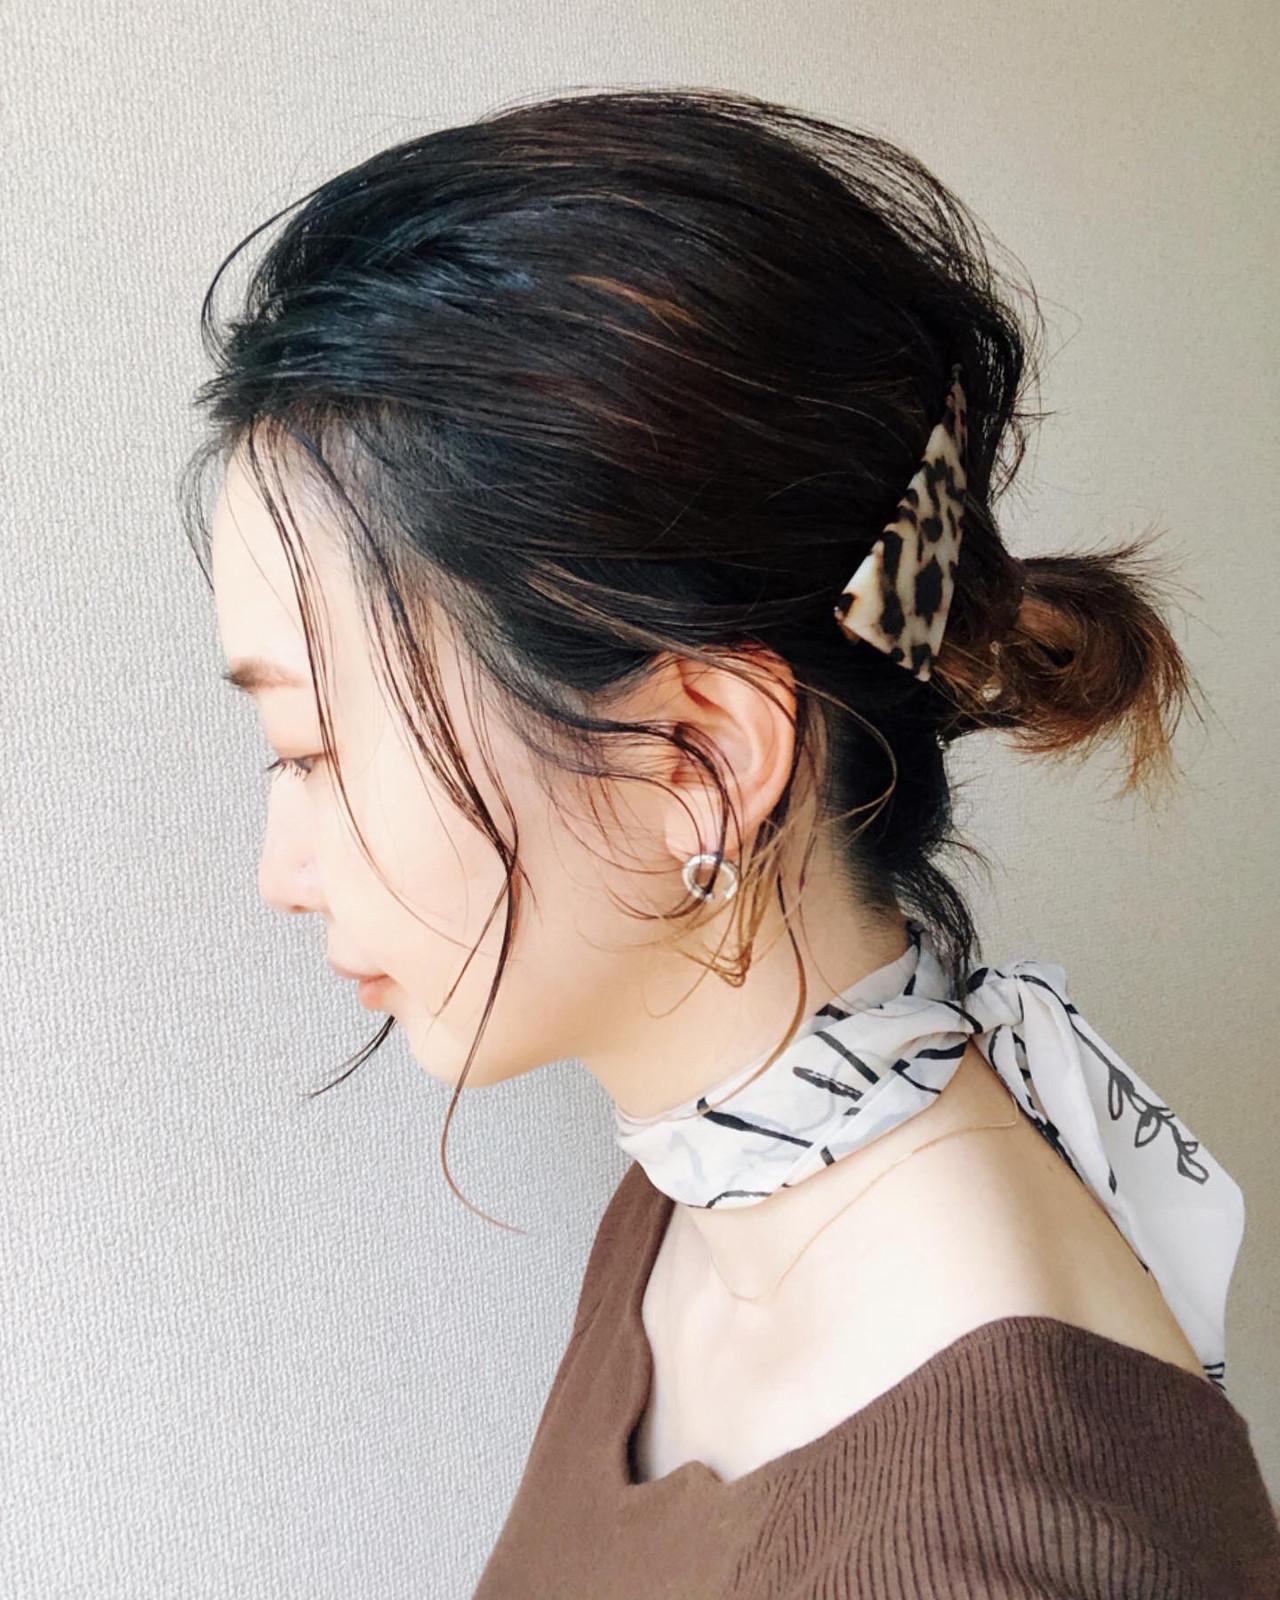 ナチュラル ヘアアレンジ ミニボブ 切りっぱなしボブ ヘアスタイルや髪型の写真・画像